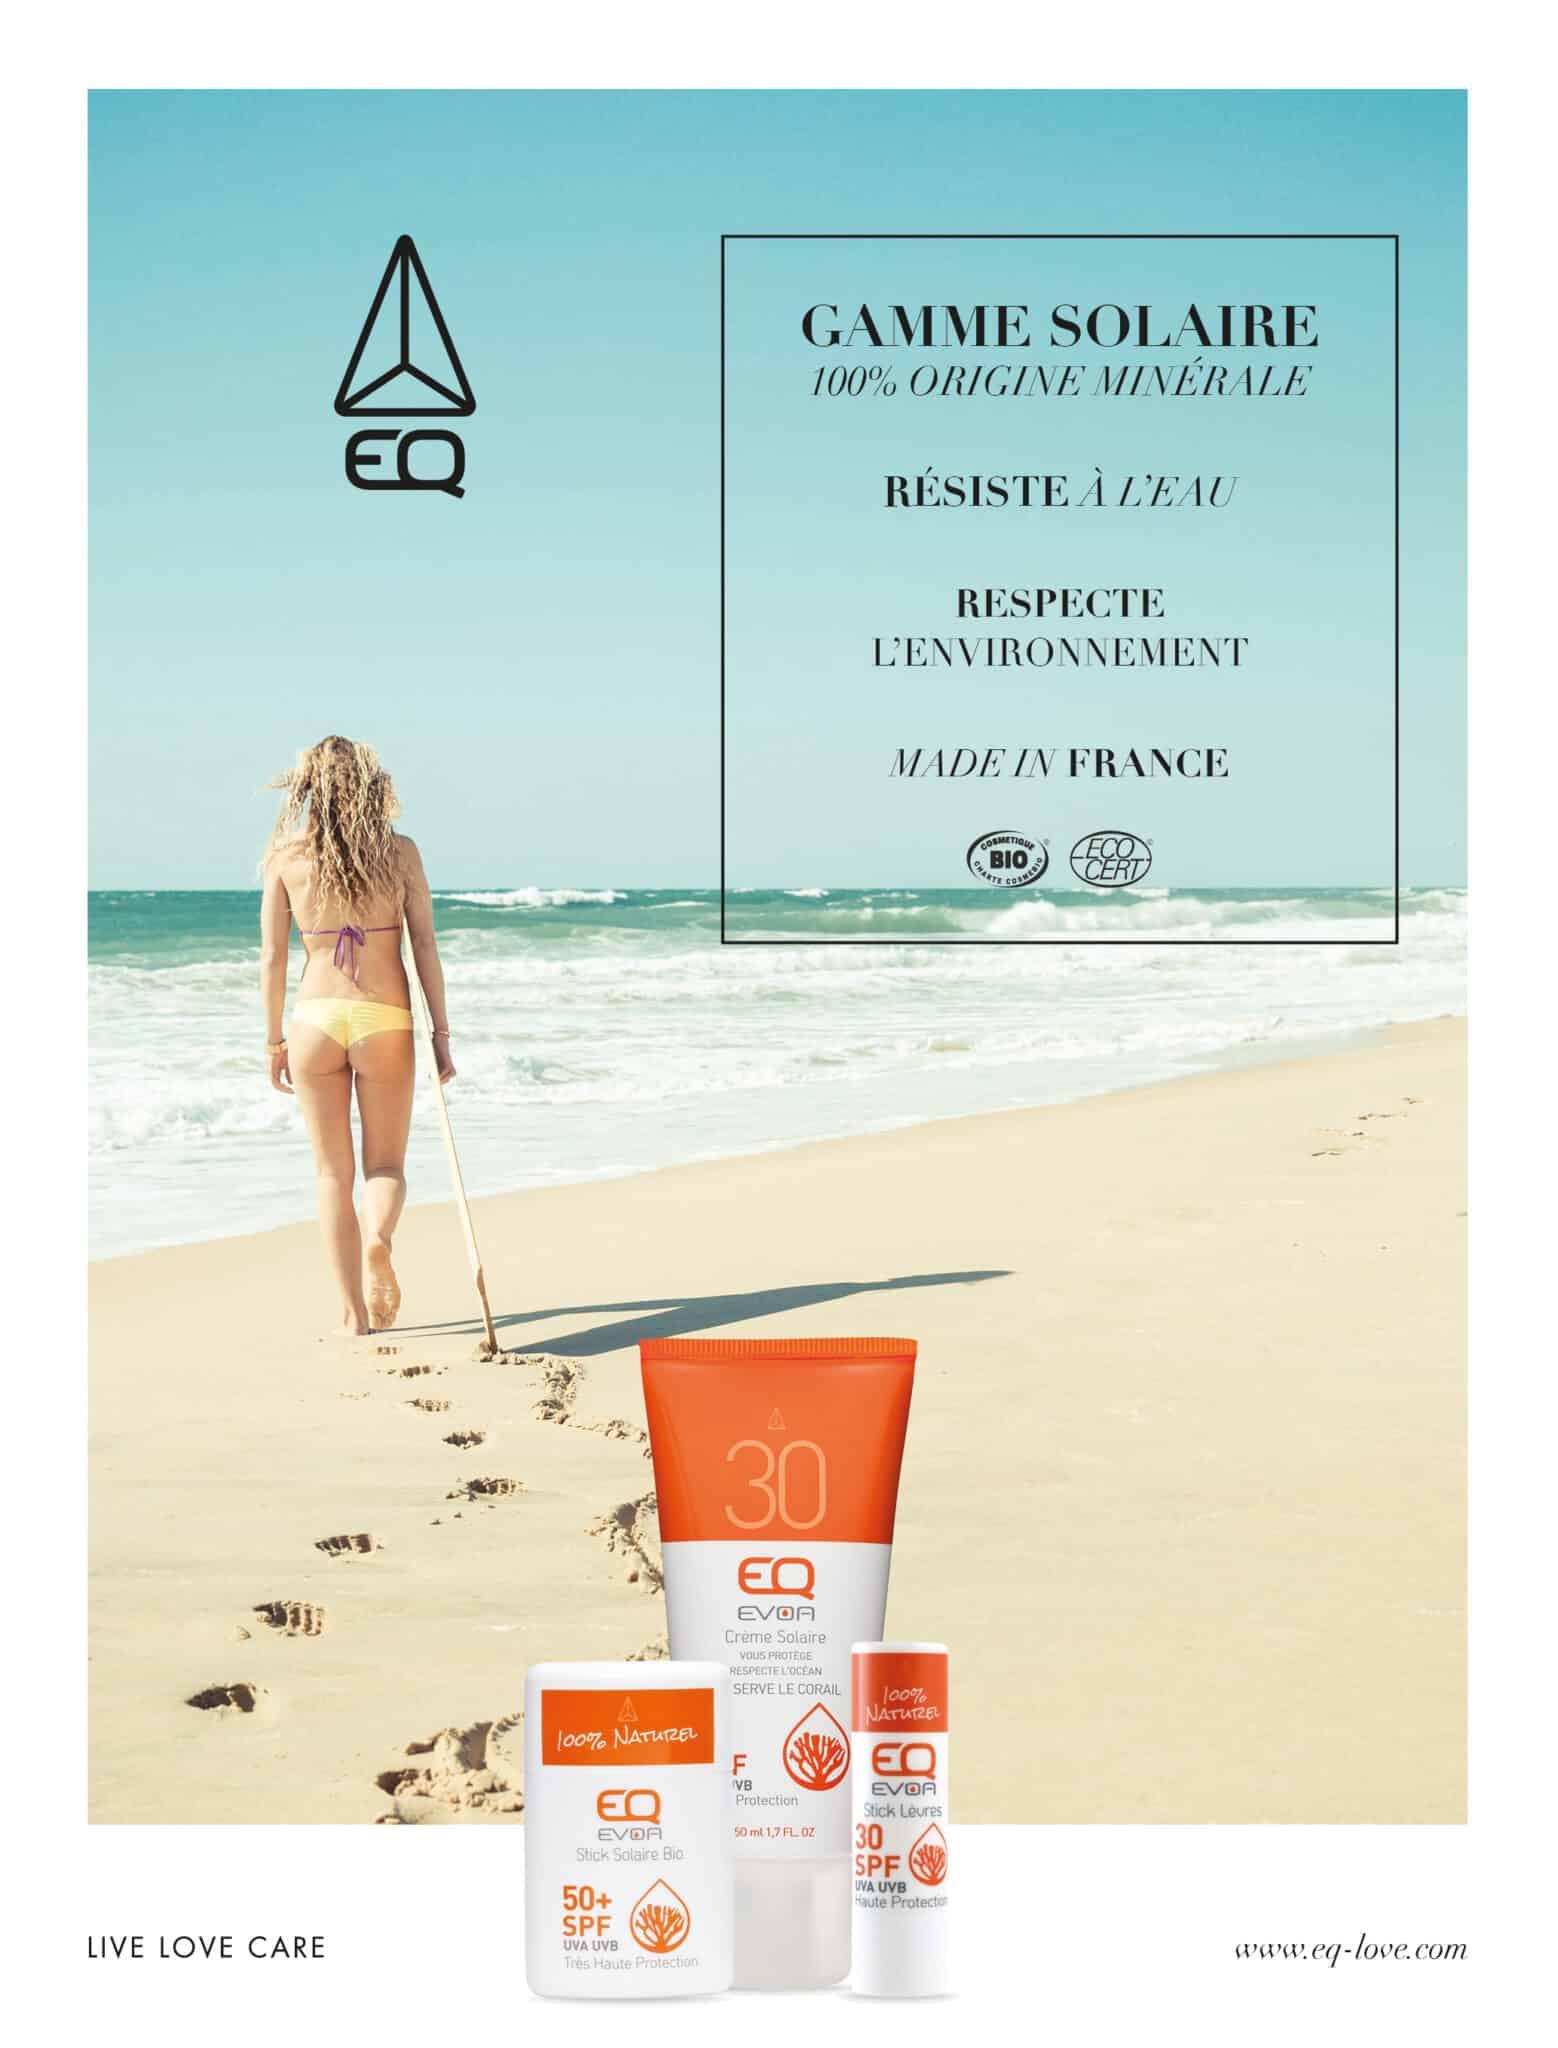 Page de publicité concernant la crème solaire EQ.